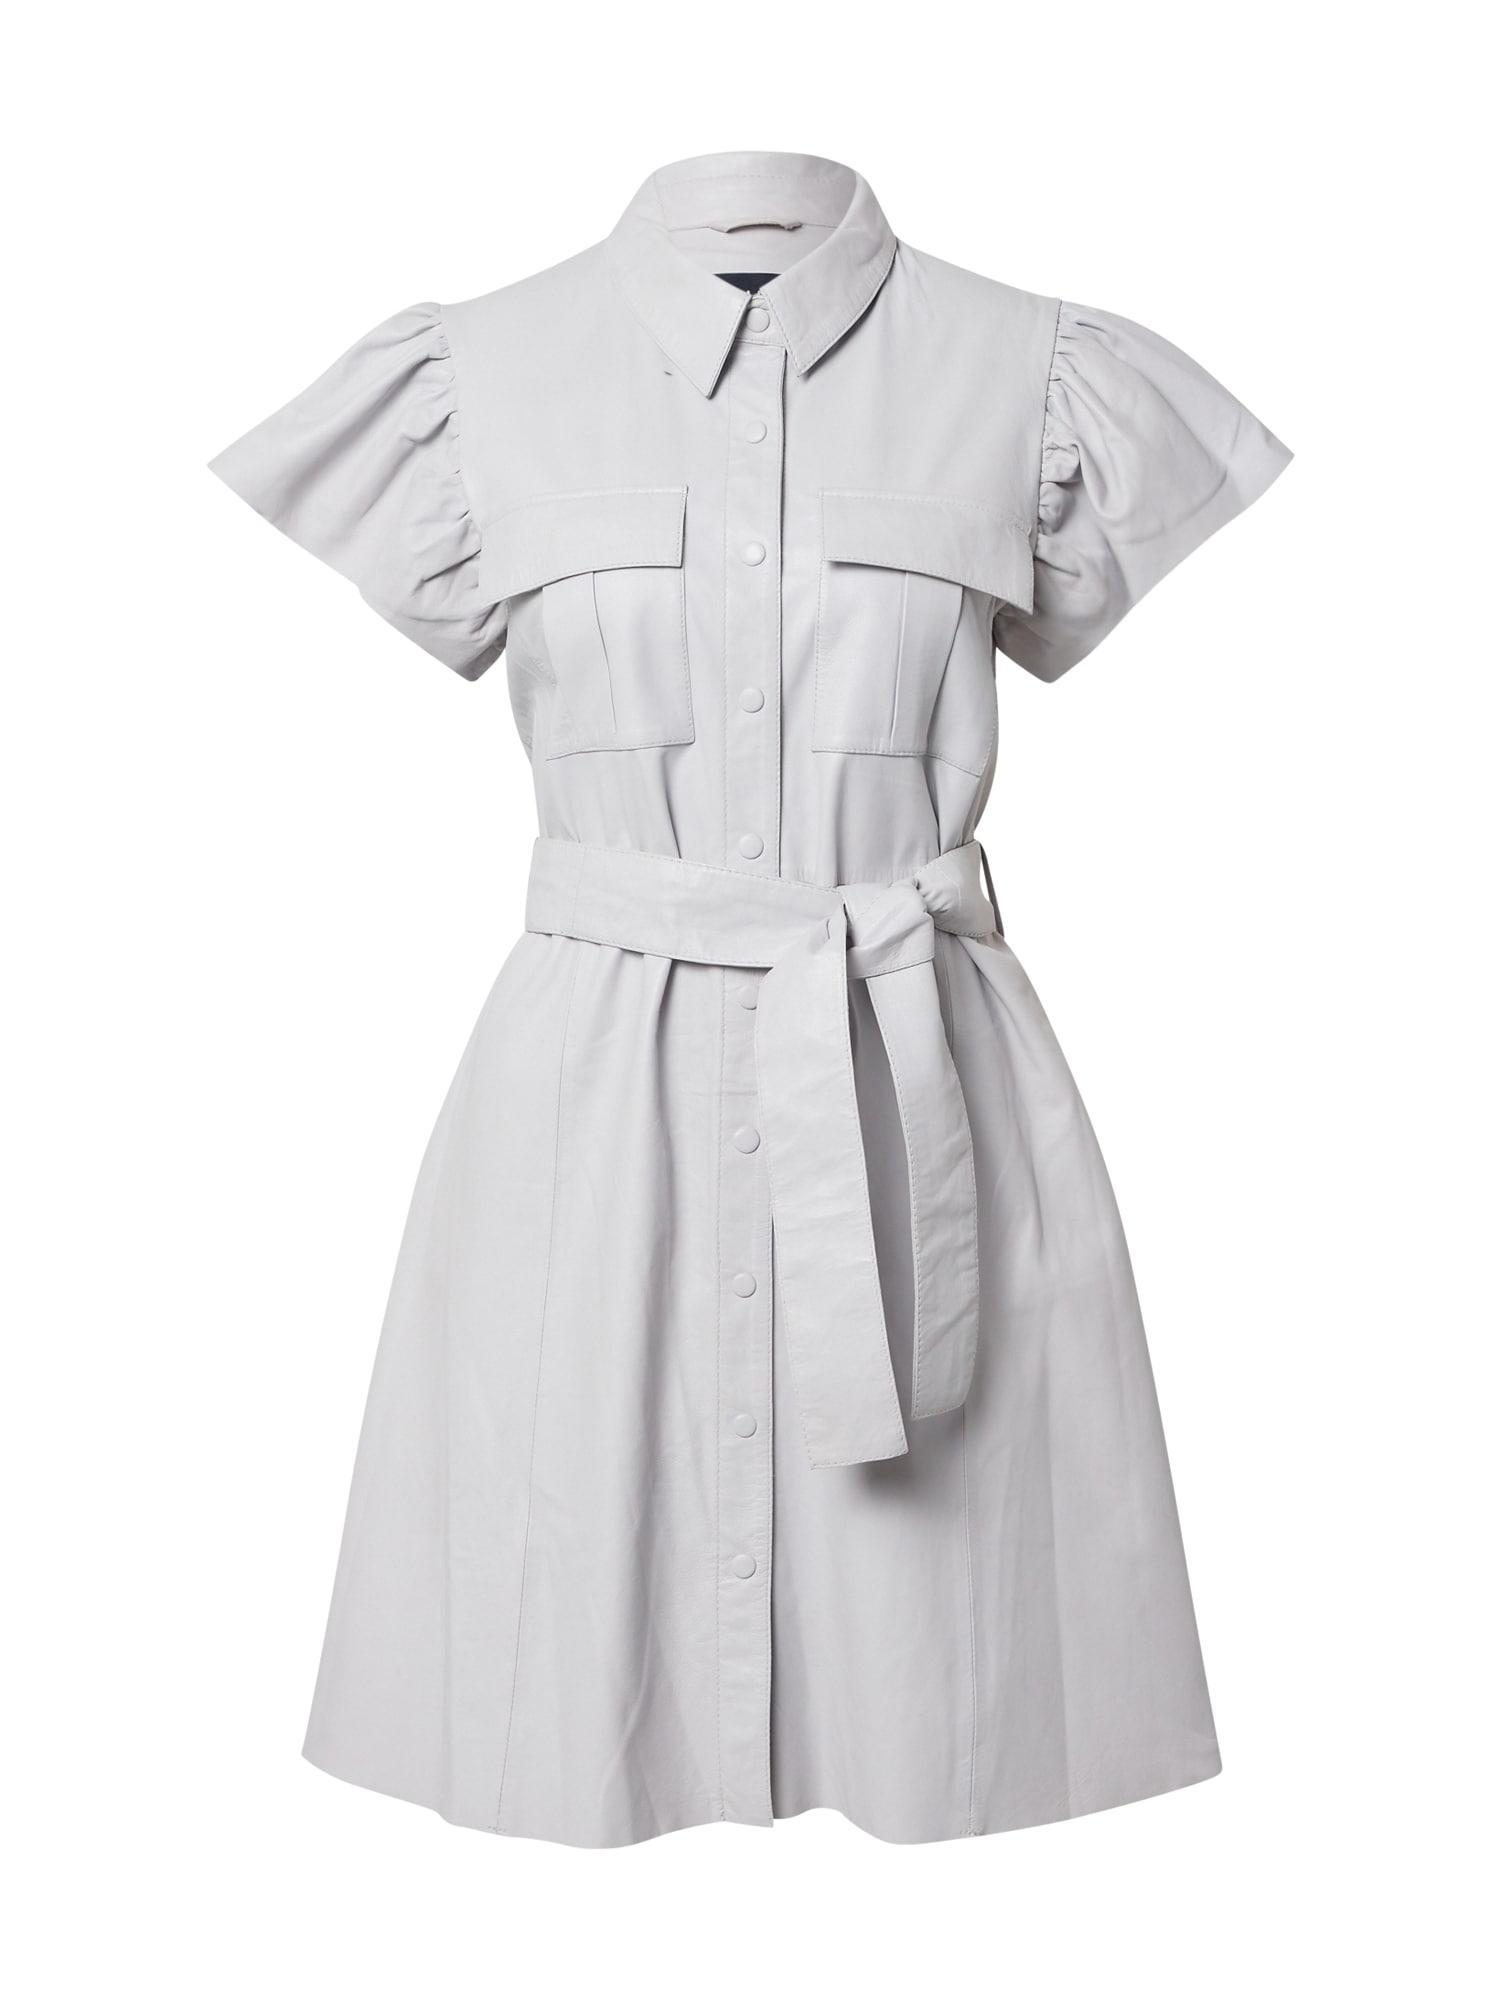 Ibana Palaidinės tipo suknelė